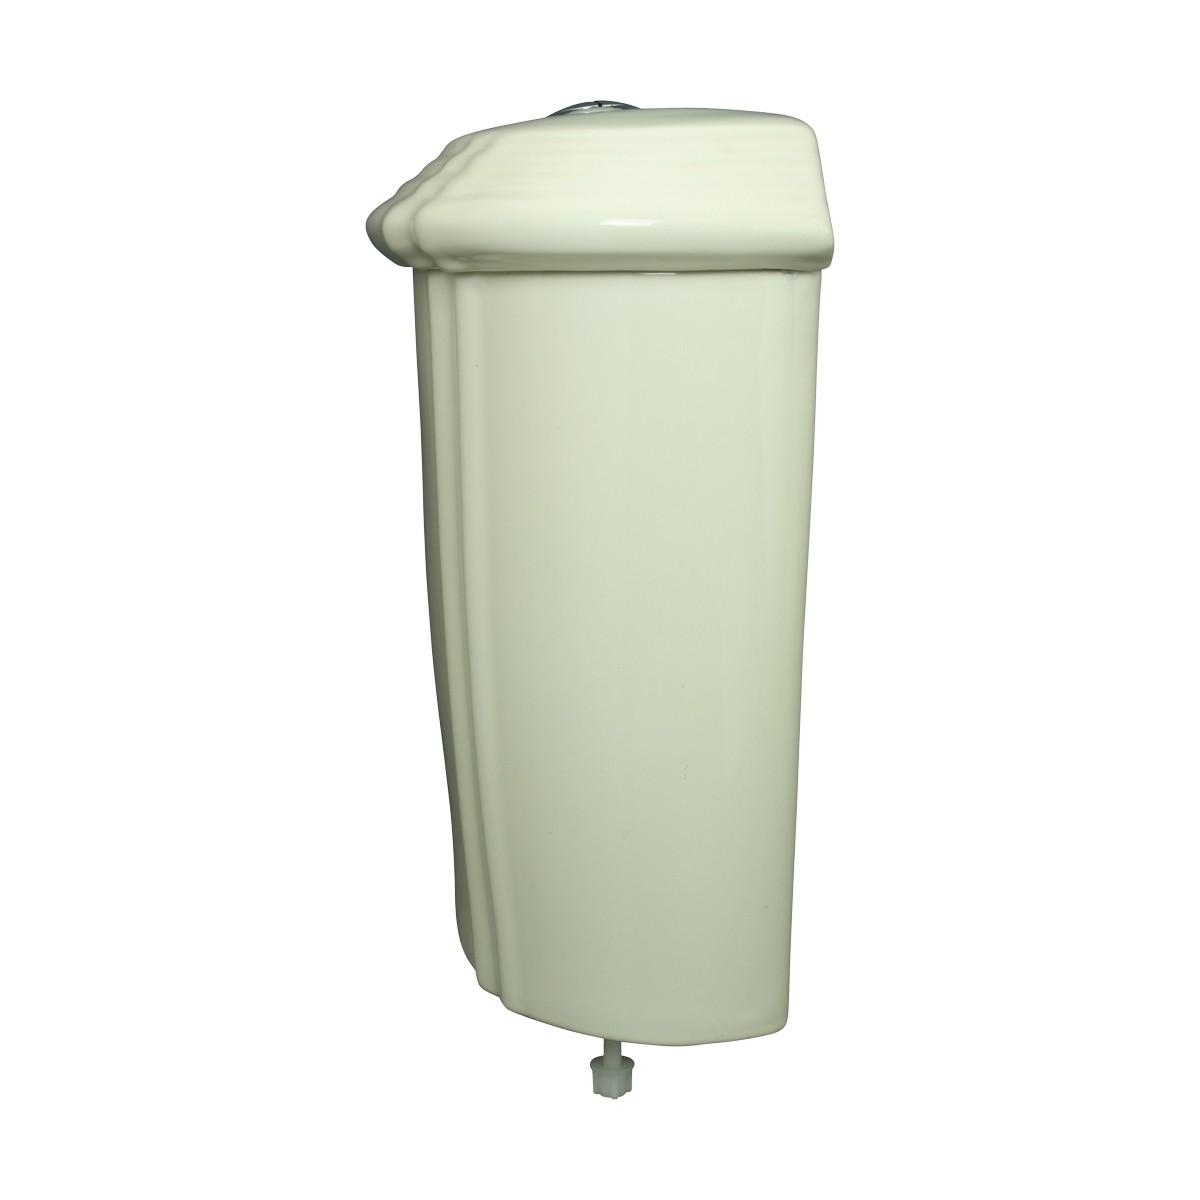 Toilet Part Biscuit DualFlush Top Flush Toilet Tank Only Corner Toilet Tank Only Dual Flush Toilet Tank Toilet Flush Tank